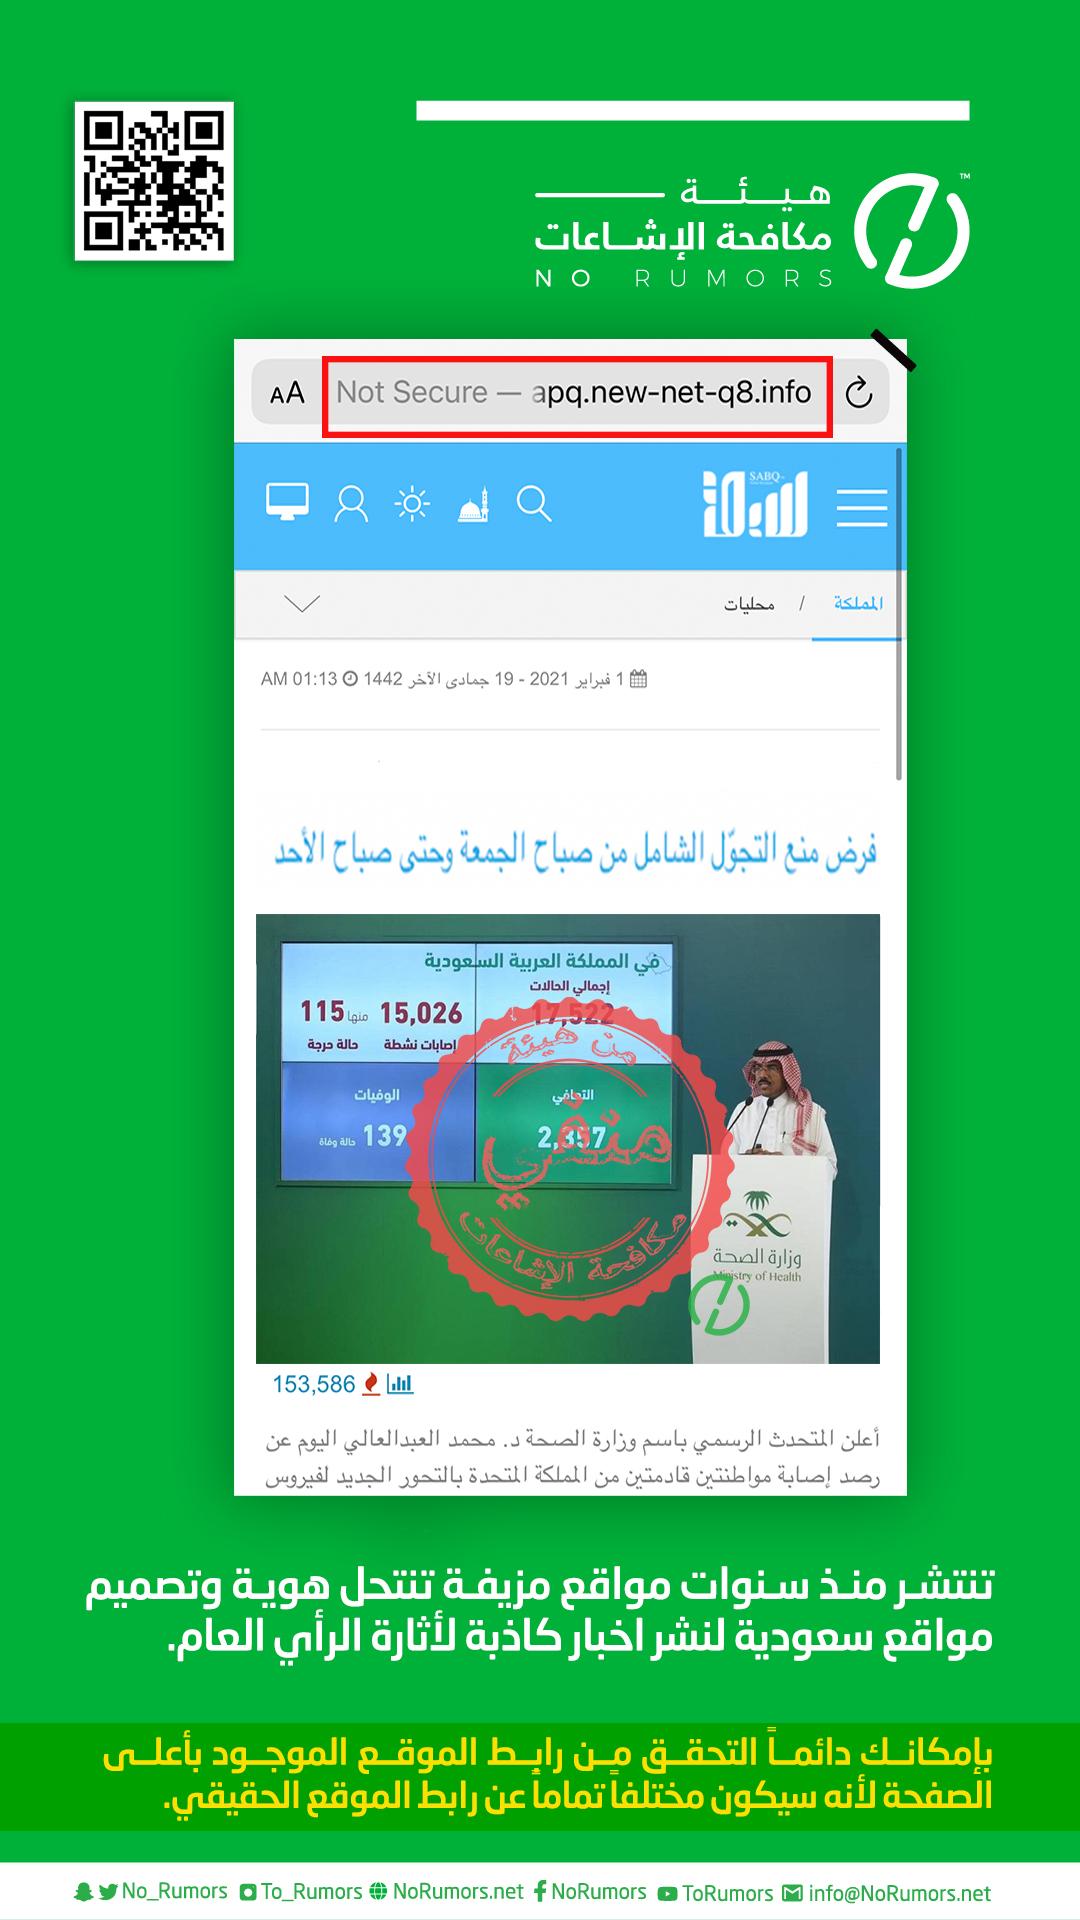 حقيقة فرض منع التجول من صباح الجمعة حتى صباح الأحد في المملكة